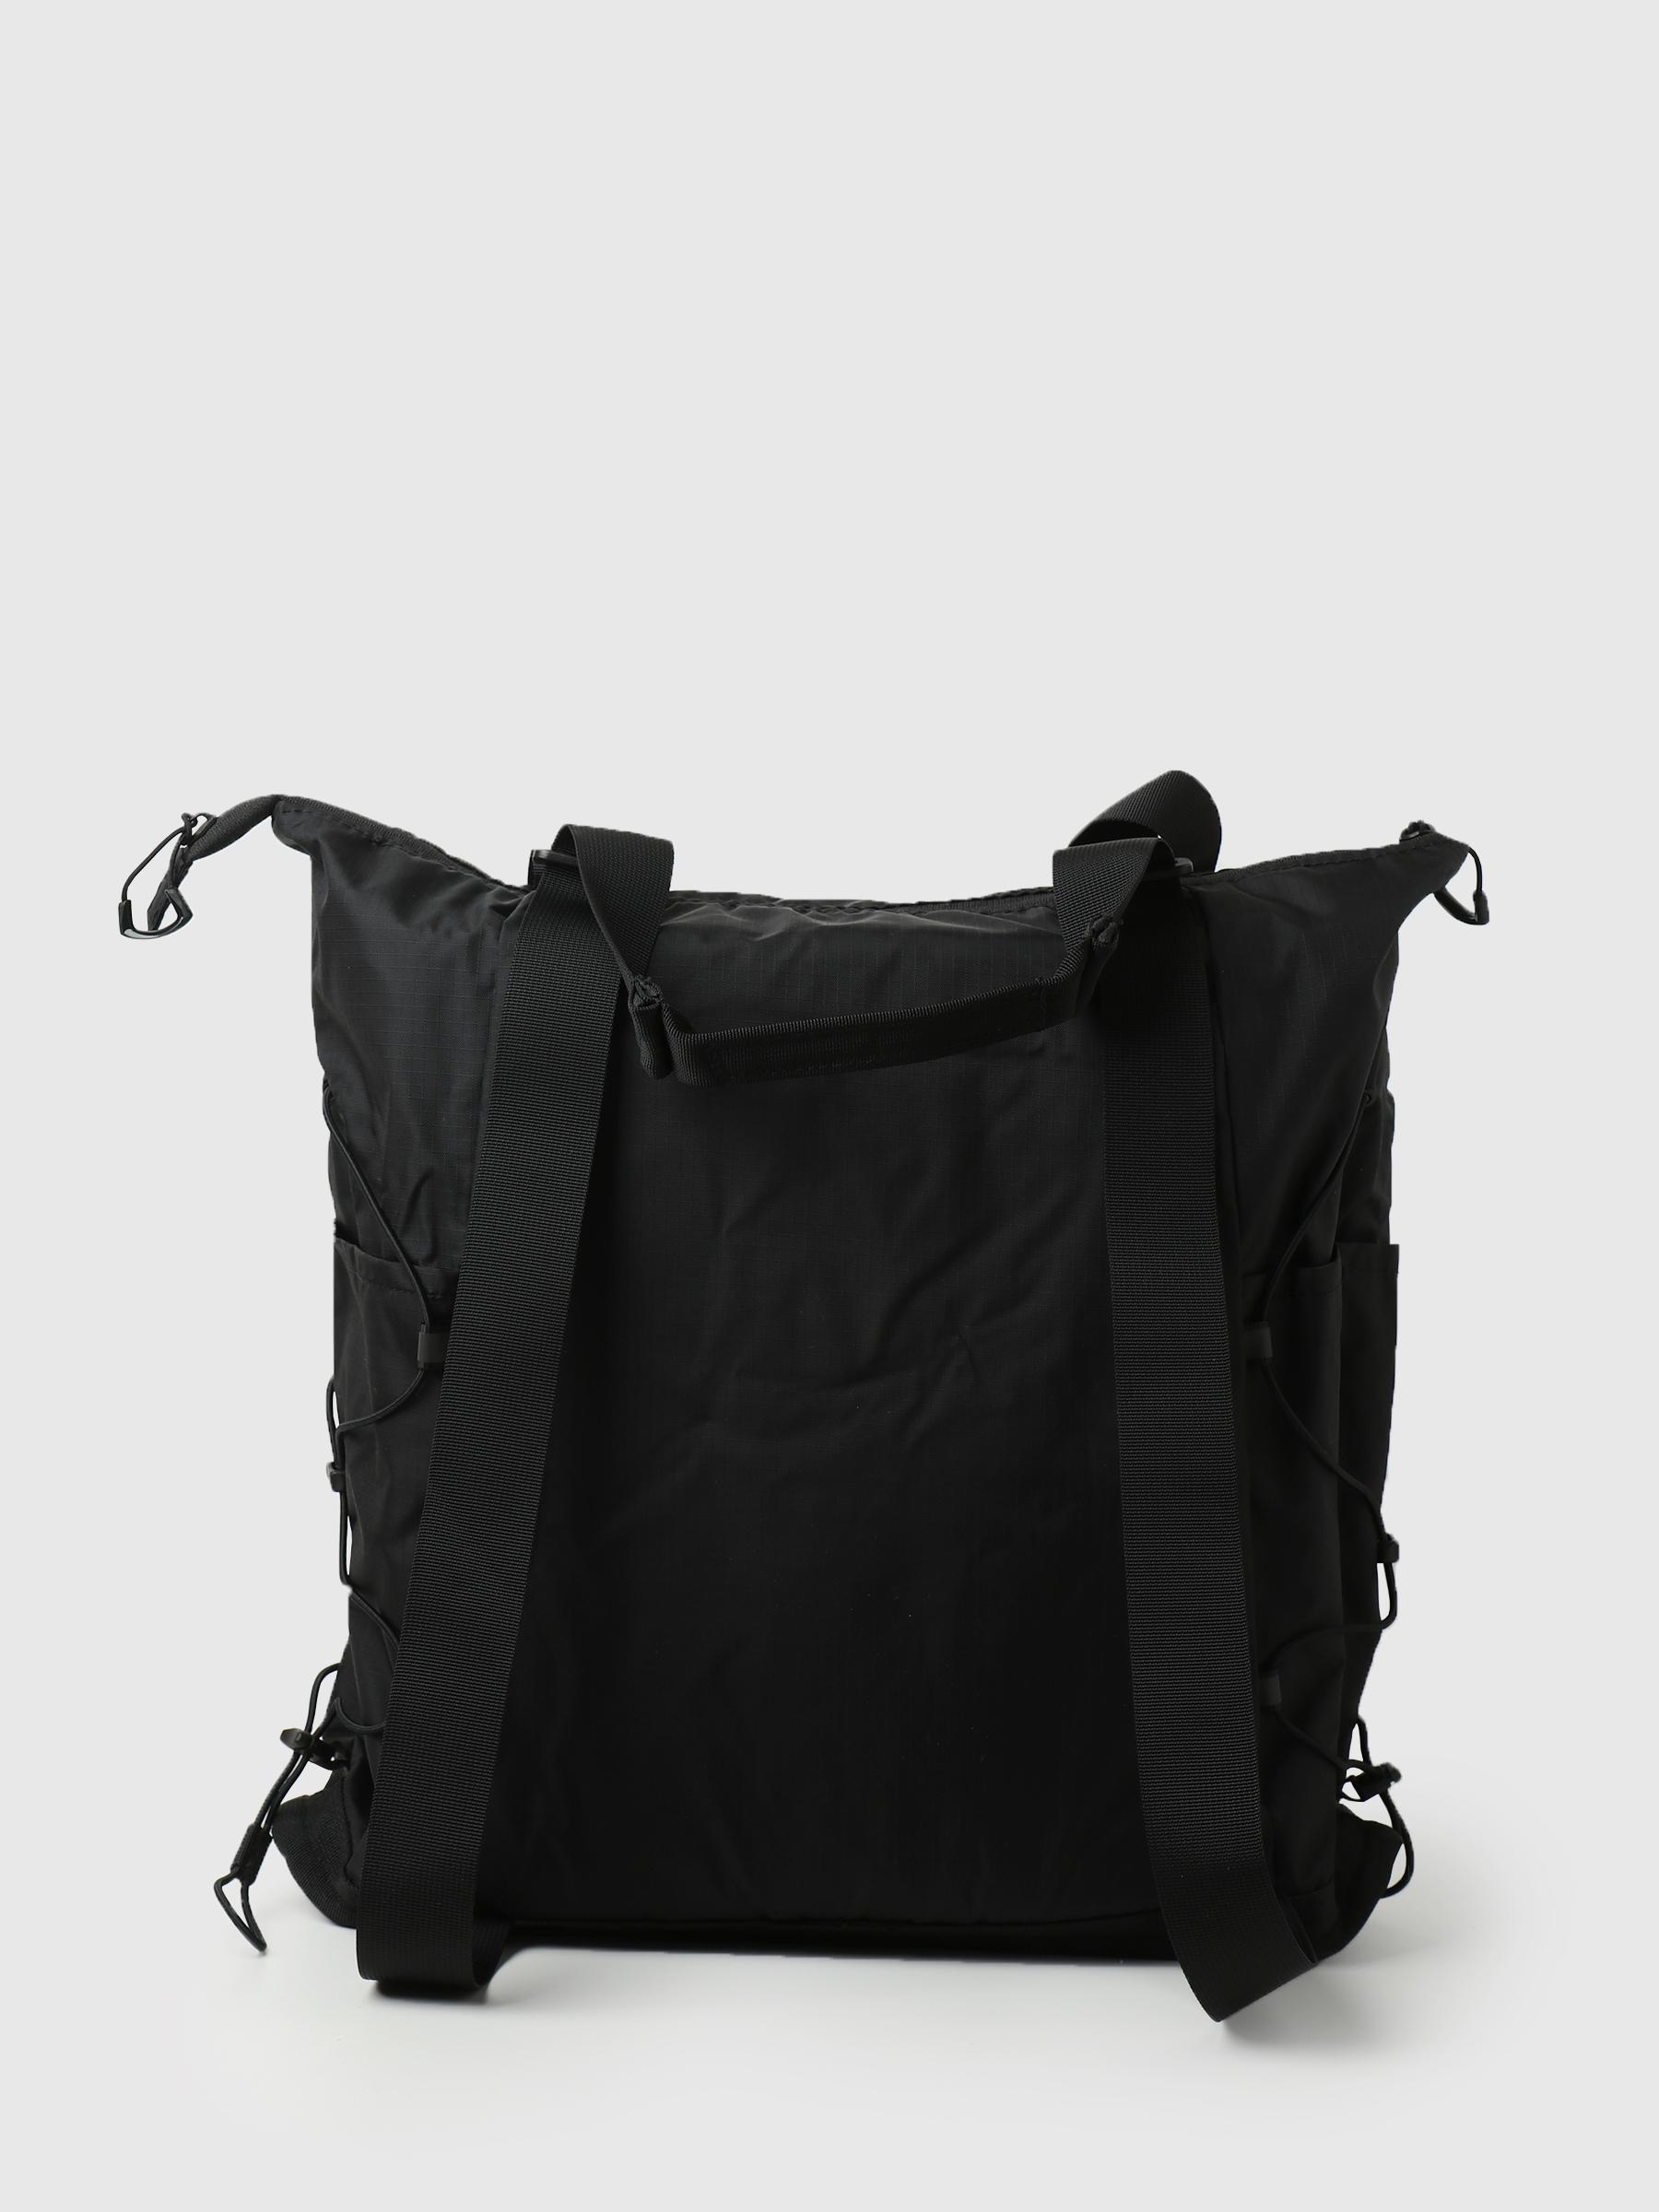 Borealis Tote TNF Black NF0A52SVKX7